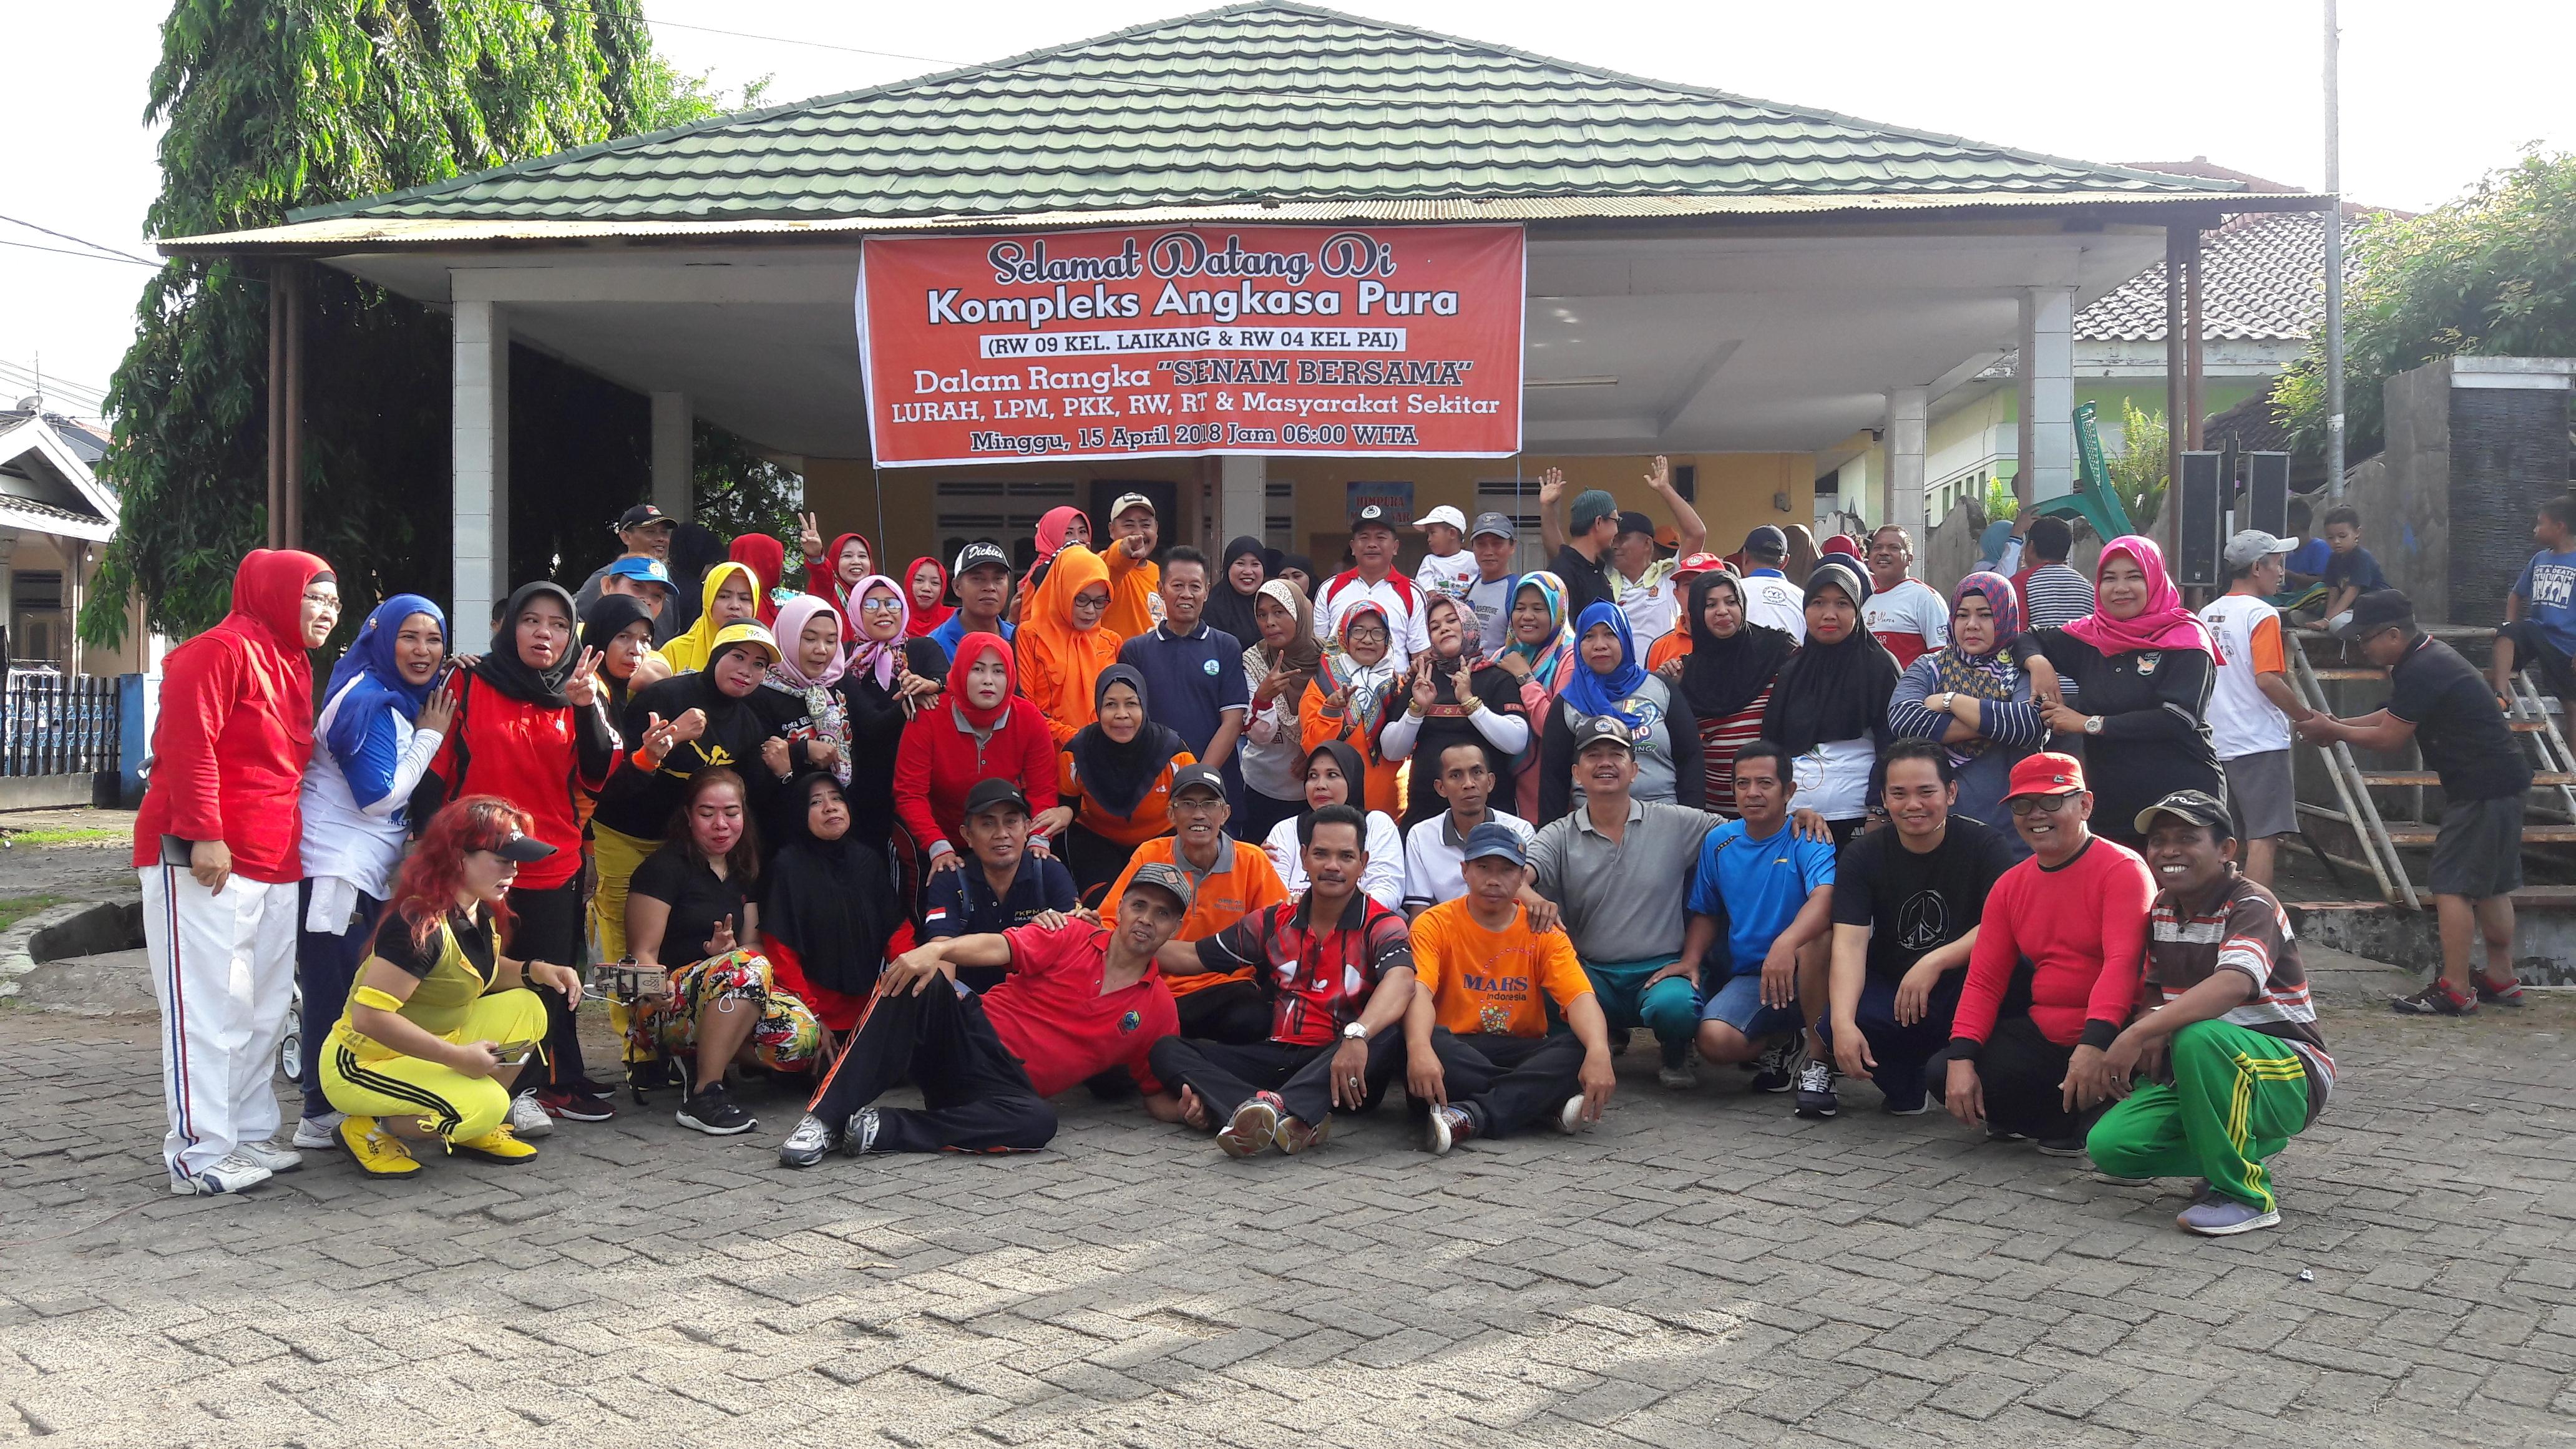 St Fatimah : Senam Bersama Warga Kelurahan Laikang